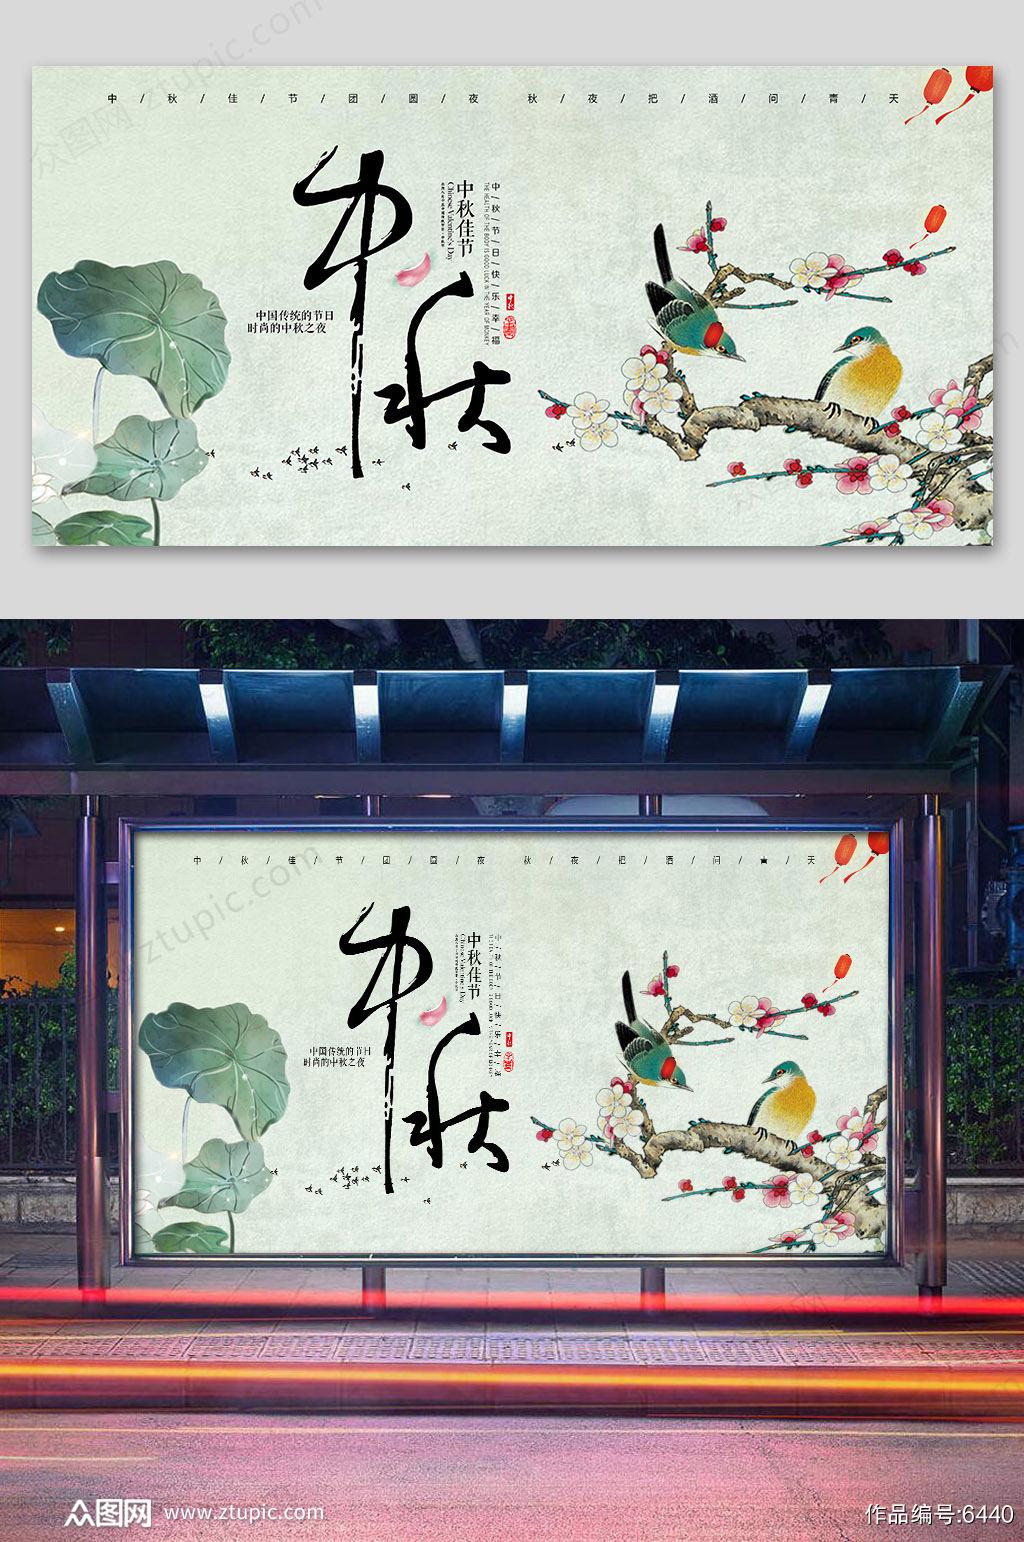 素雅中国风中秋海报素材